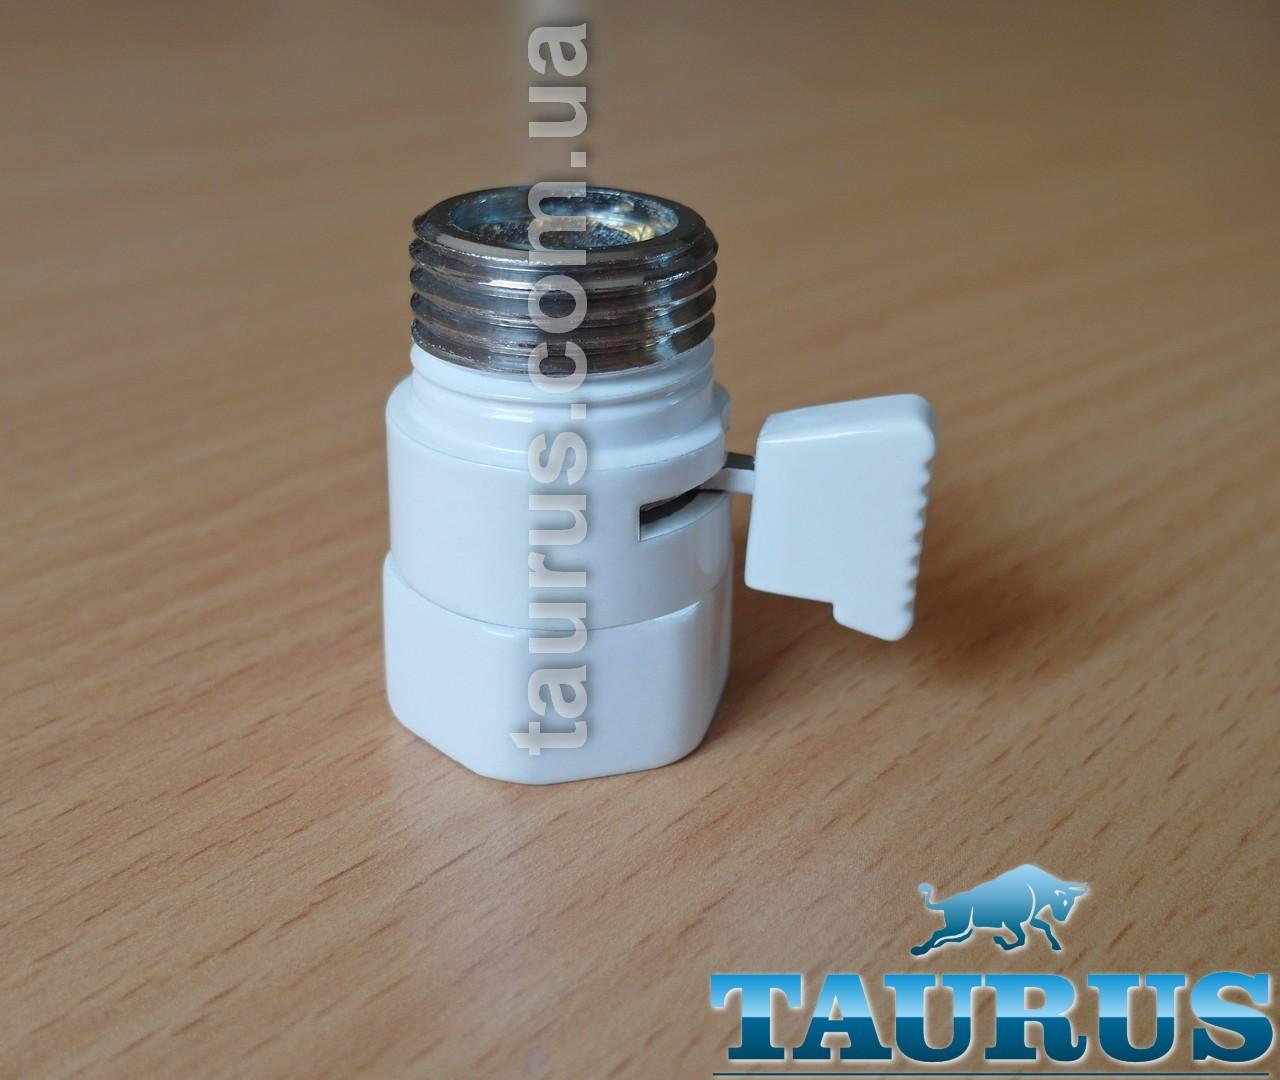 """Белый компактный Micro кран Eco White (Польша, 1/2"""") для скрытого подключения полотенцесушителей"""